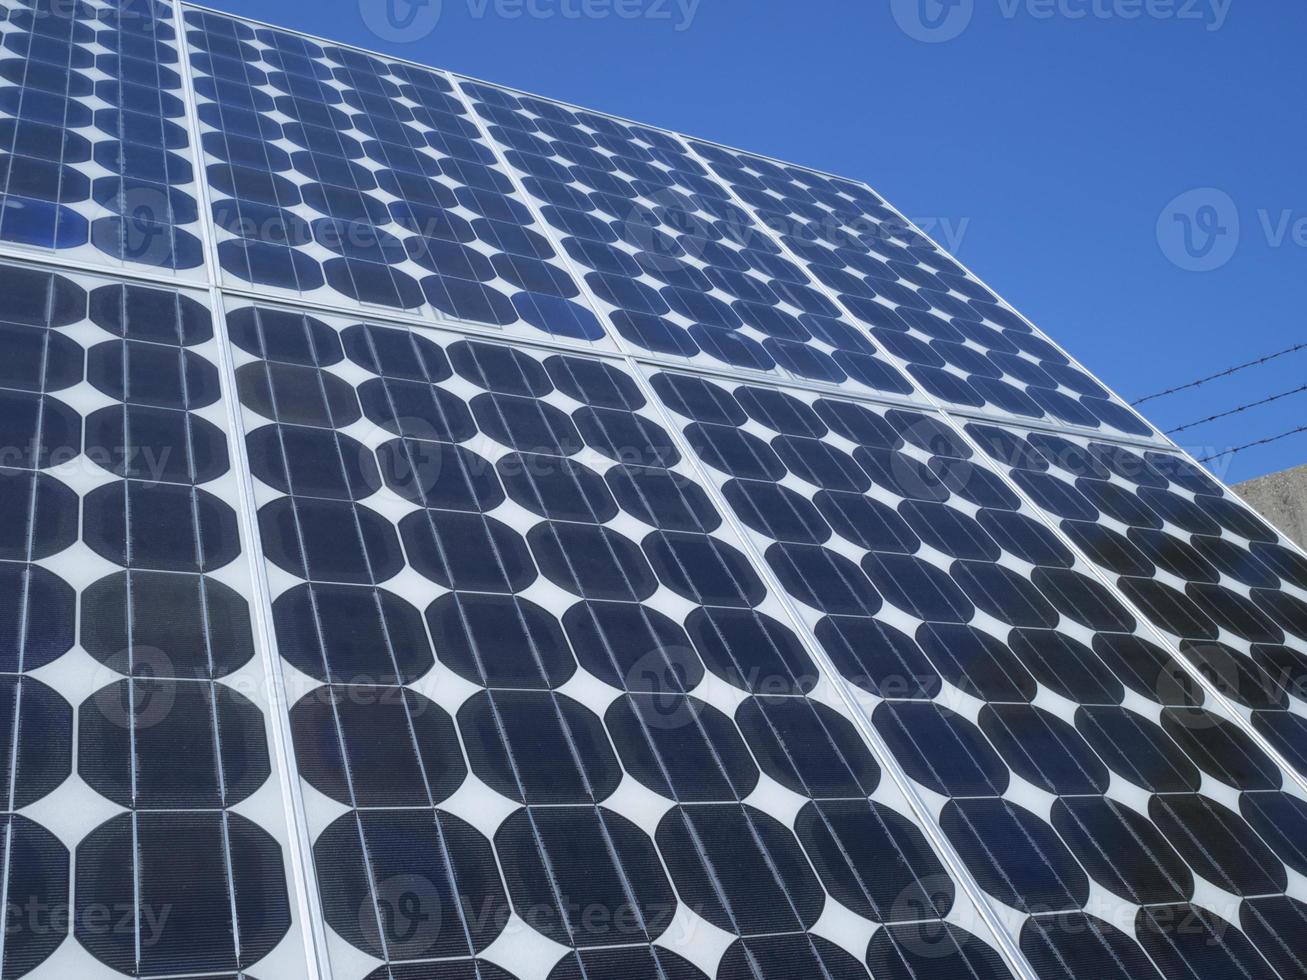 pannello solare a celle fotovoltaiche foto